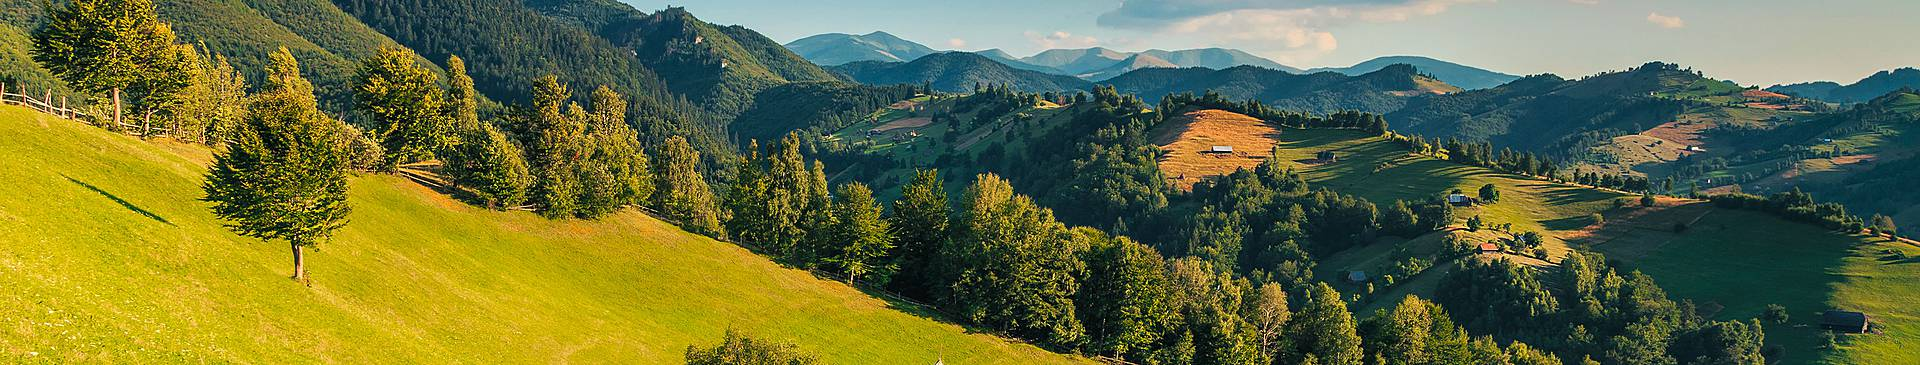 Long week-end en Roumanie